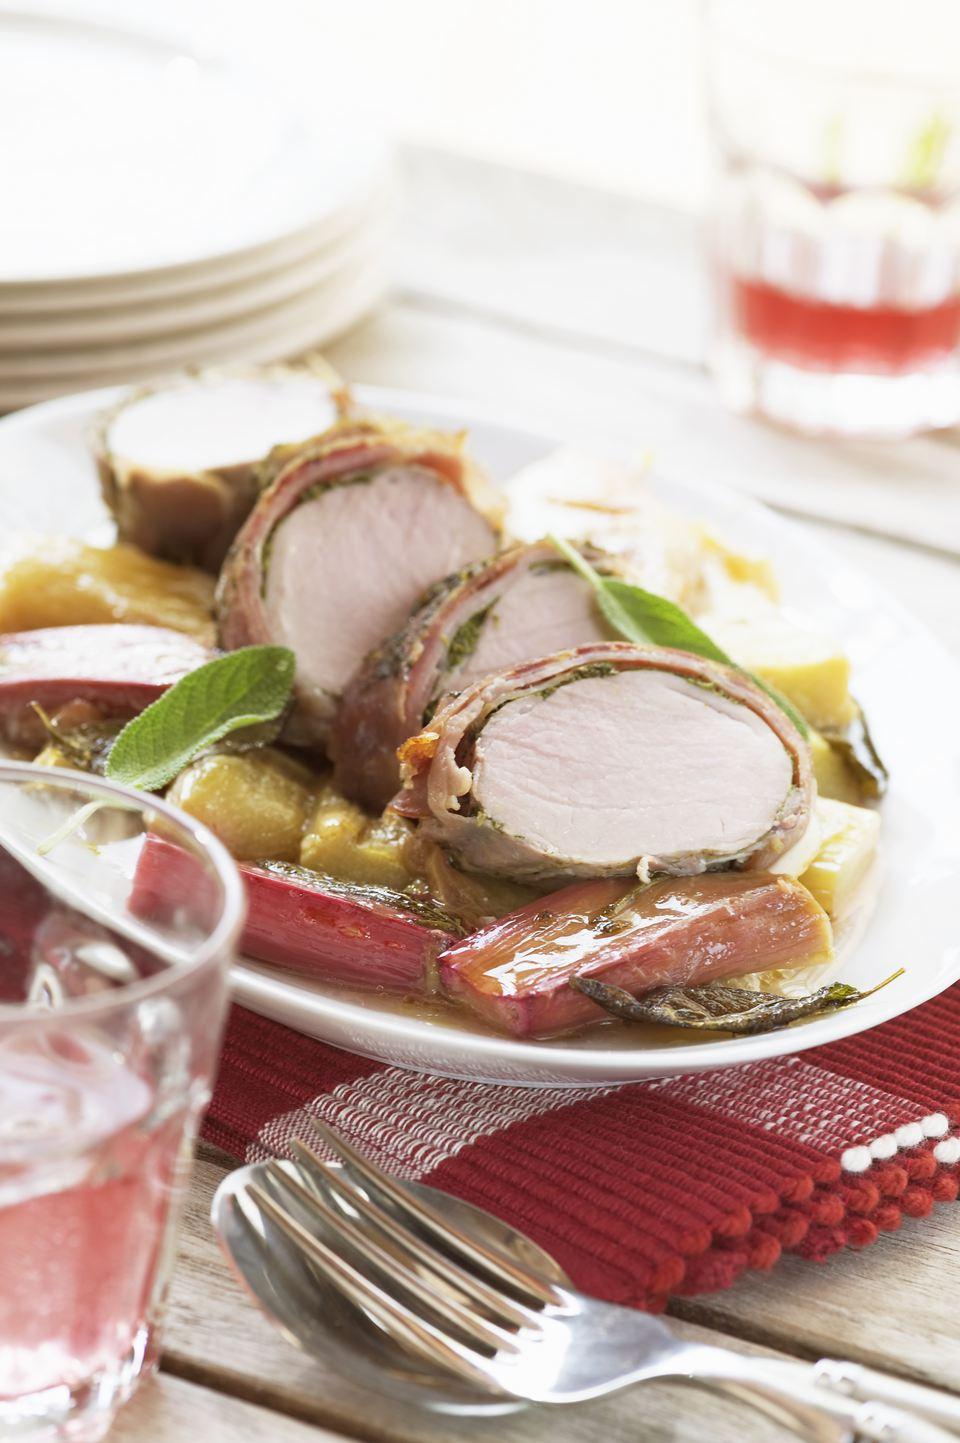 Rhubarb pork fillet